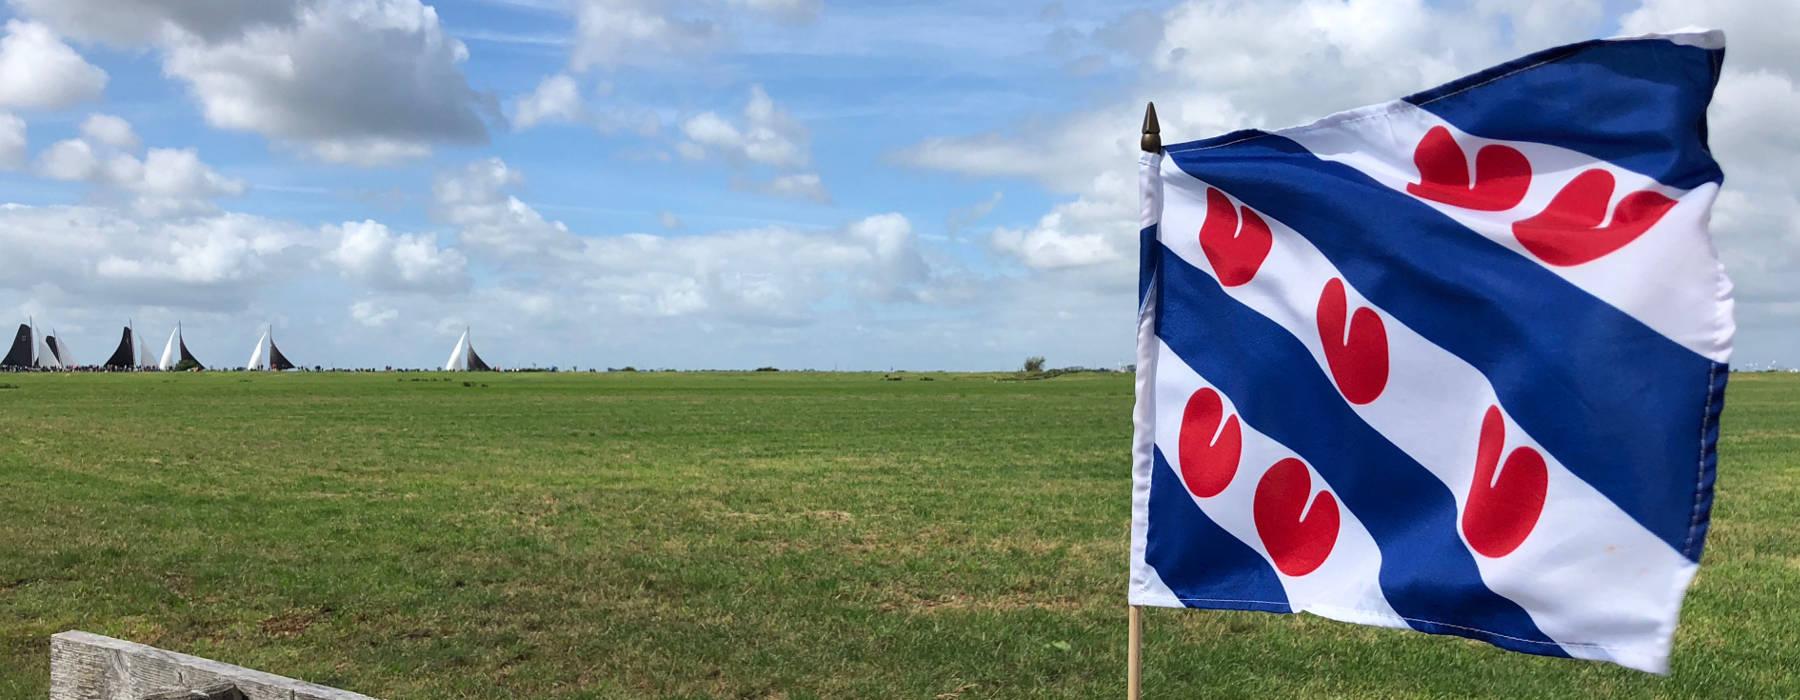 FNP nijs gemeente 1 fryskeflagge